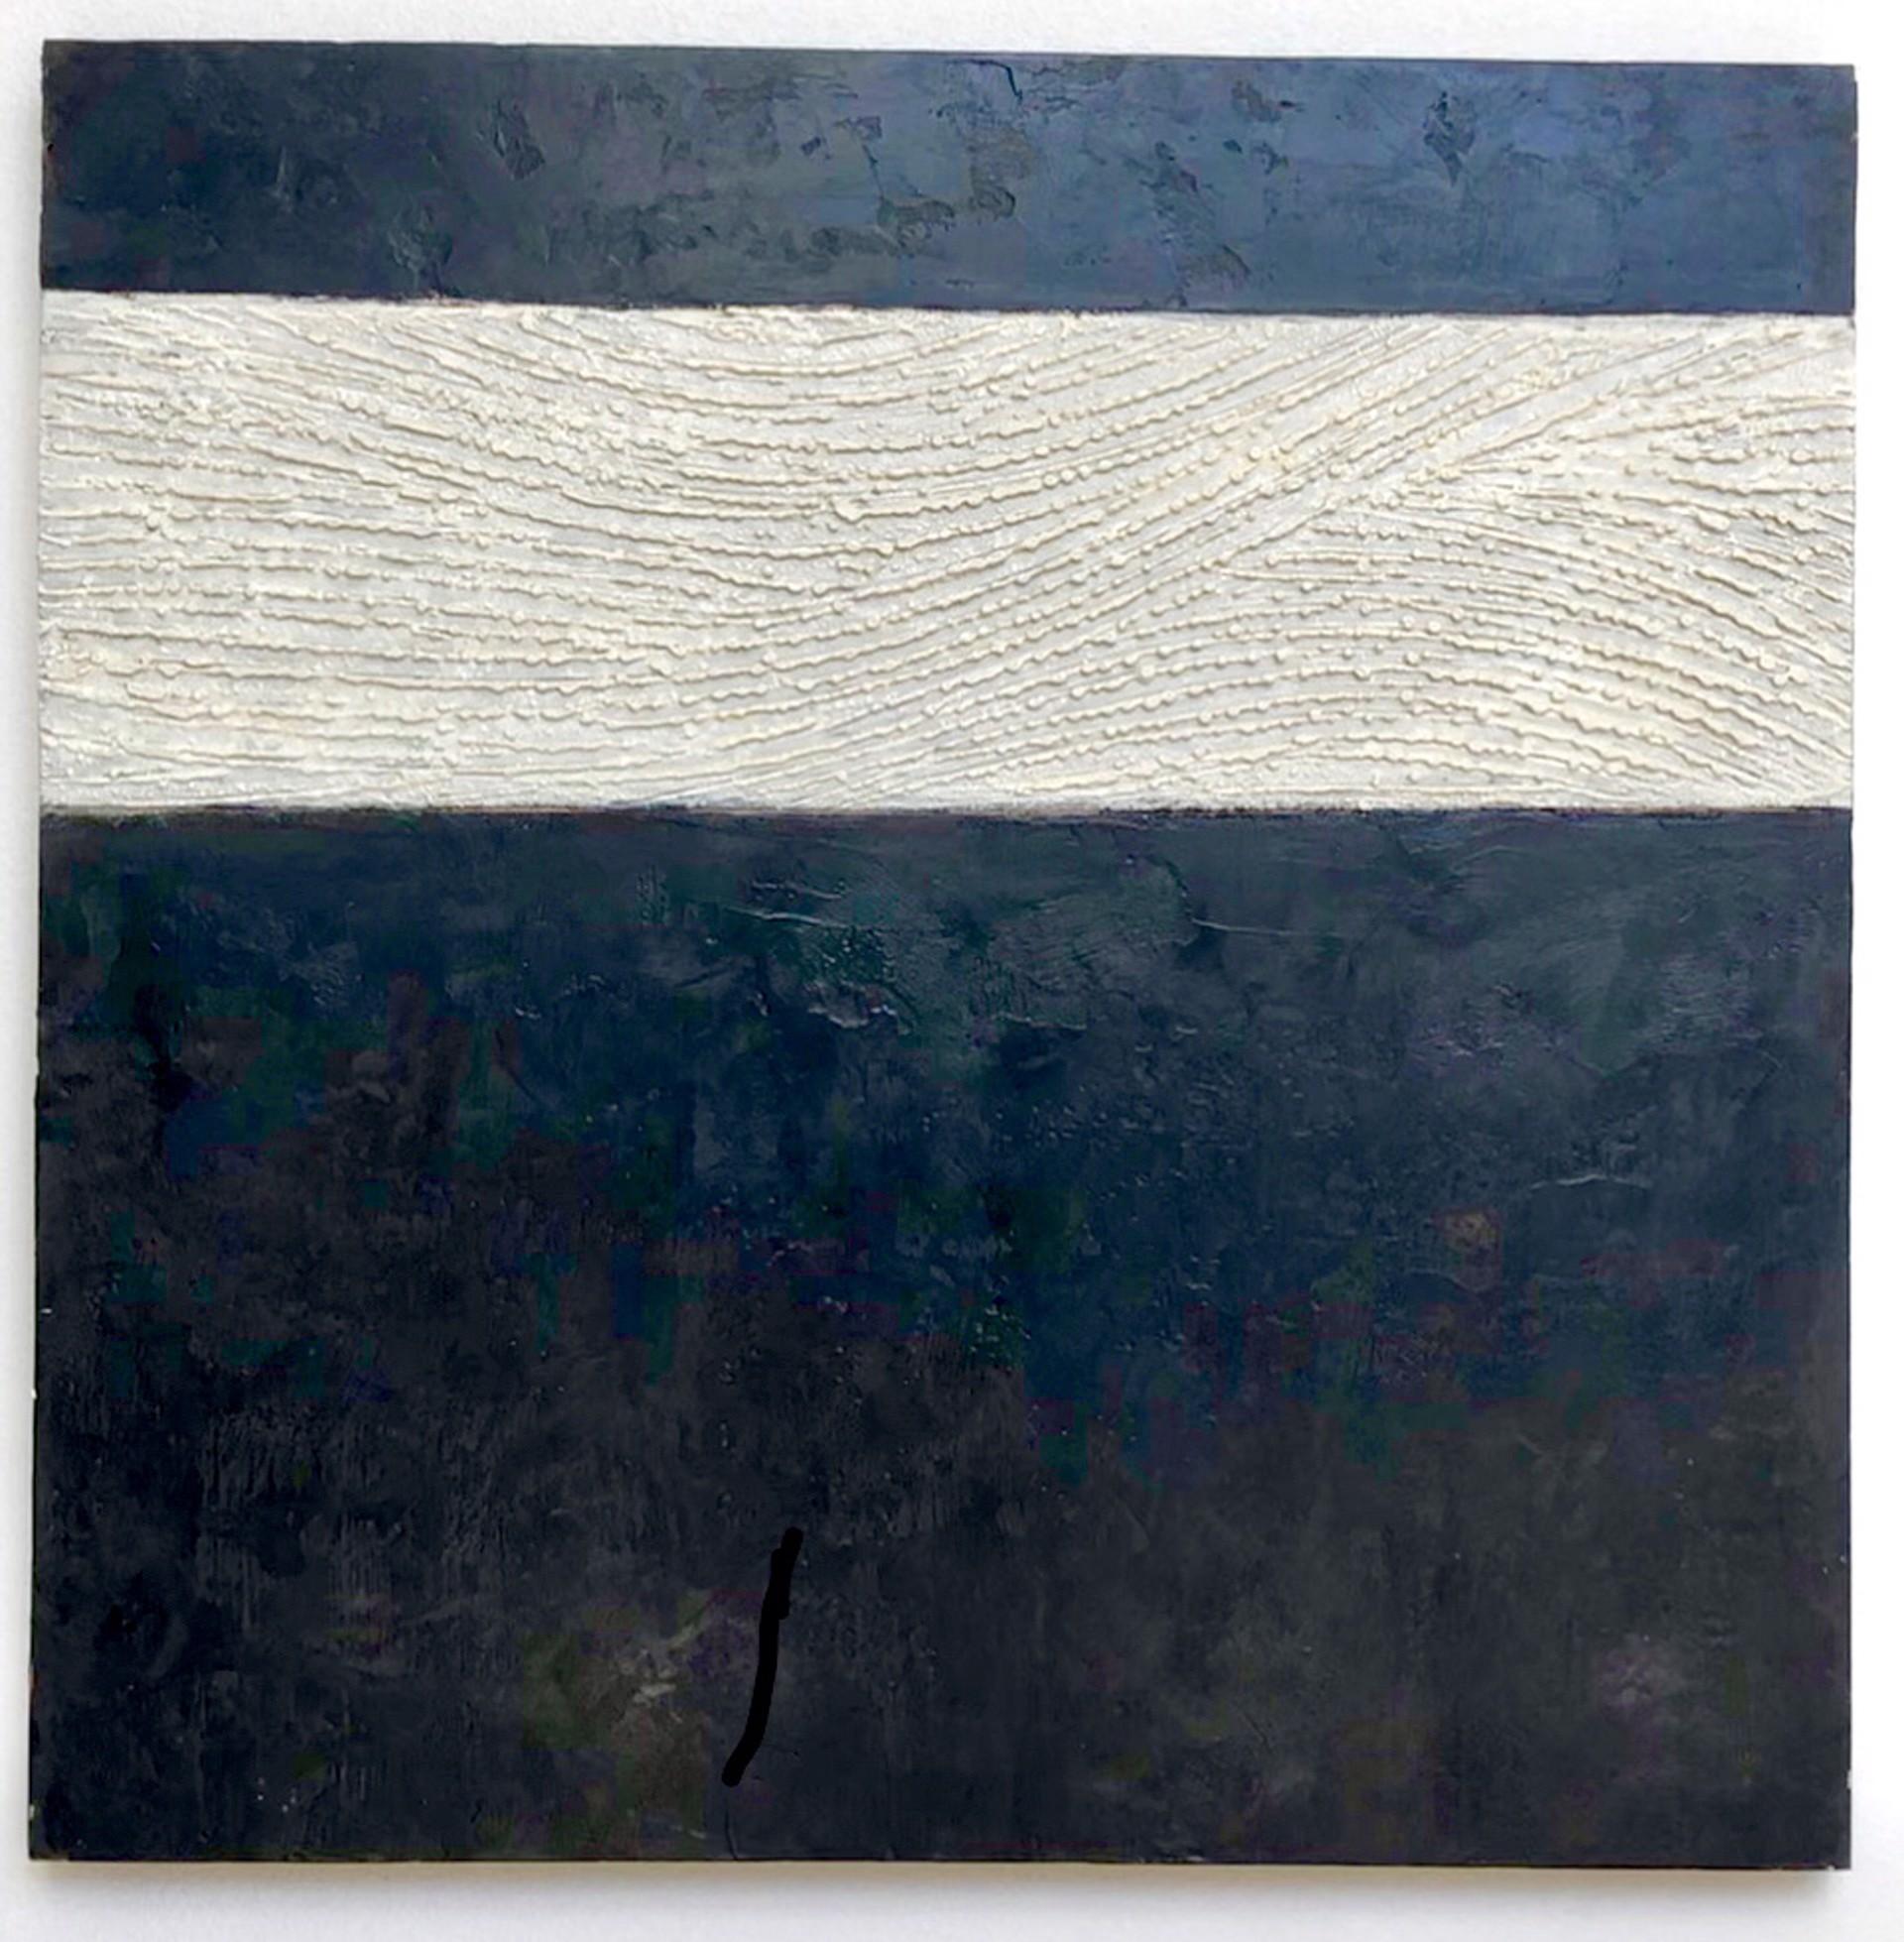 Reverie by Linda Frueh